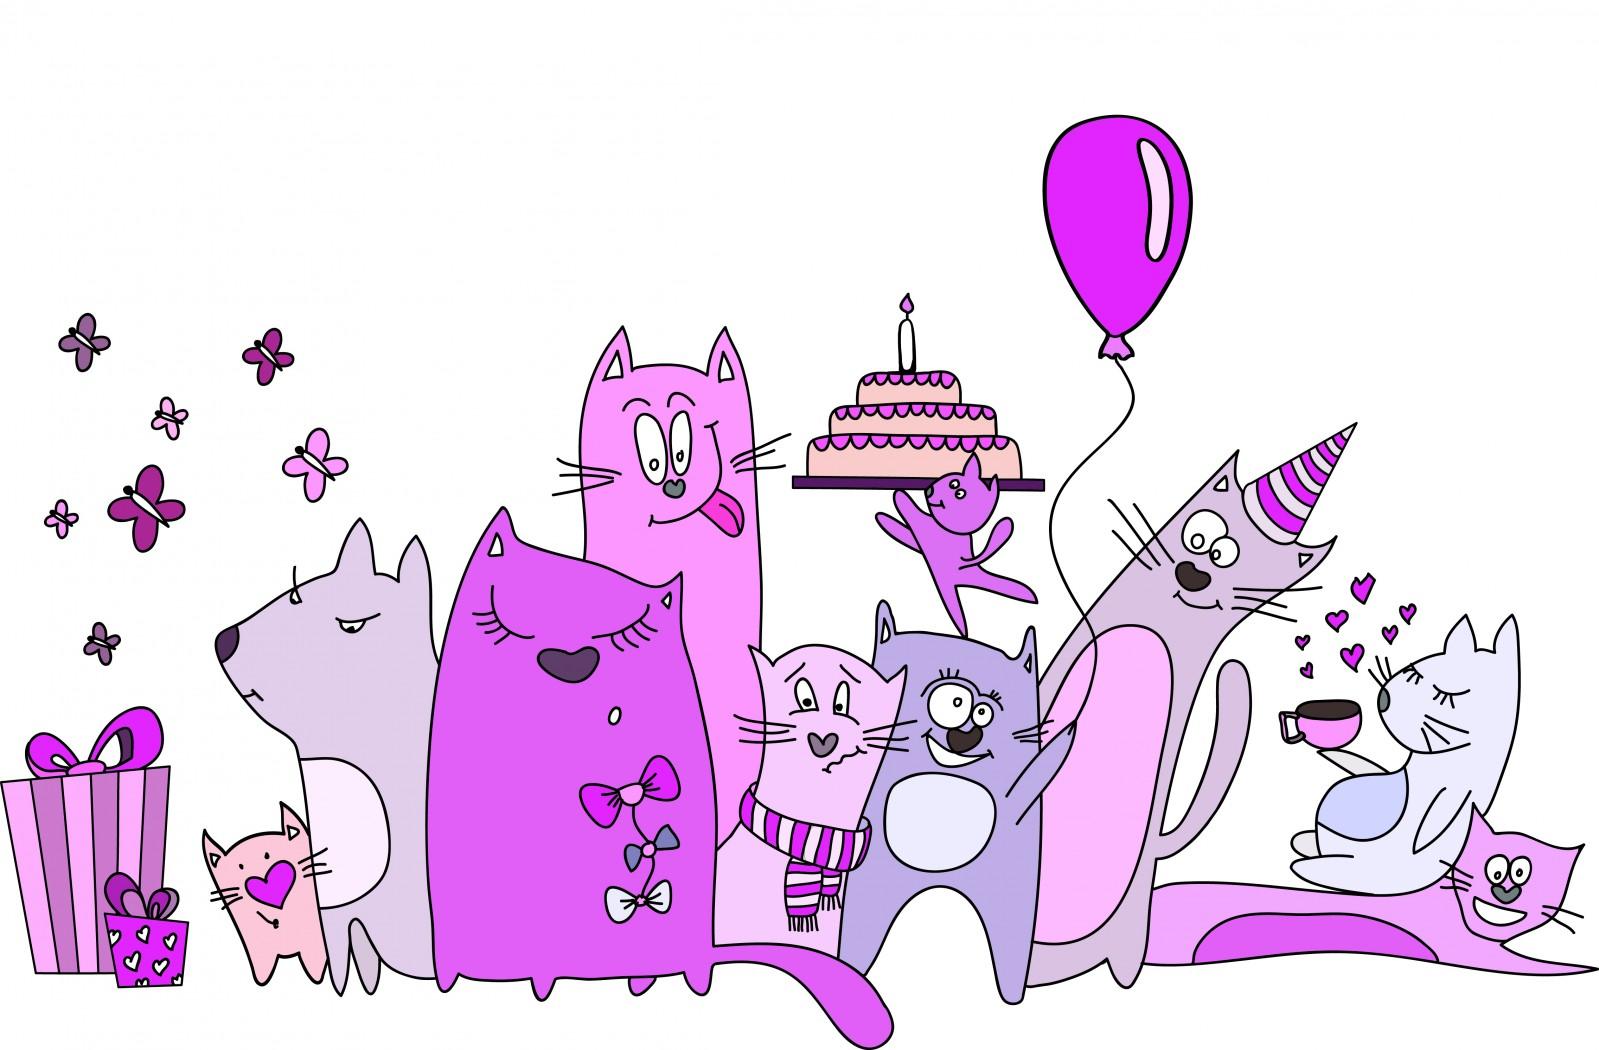 Поздравление с днем рождения девушке веселое